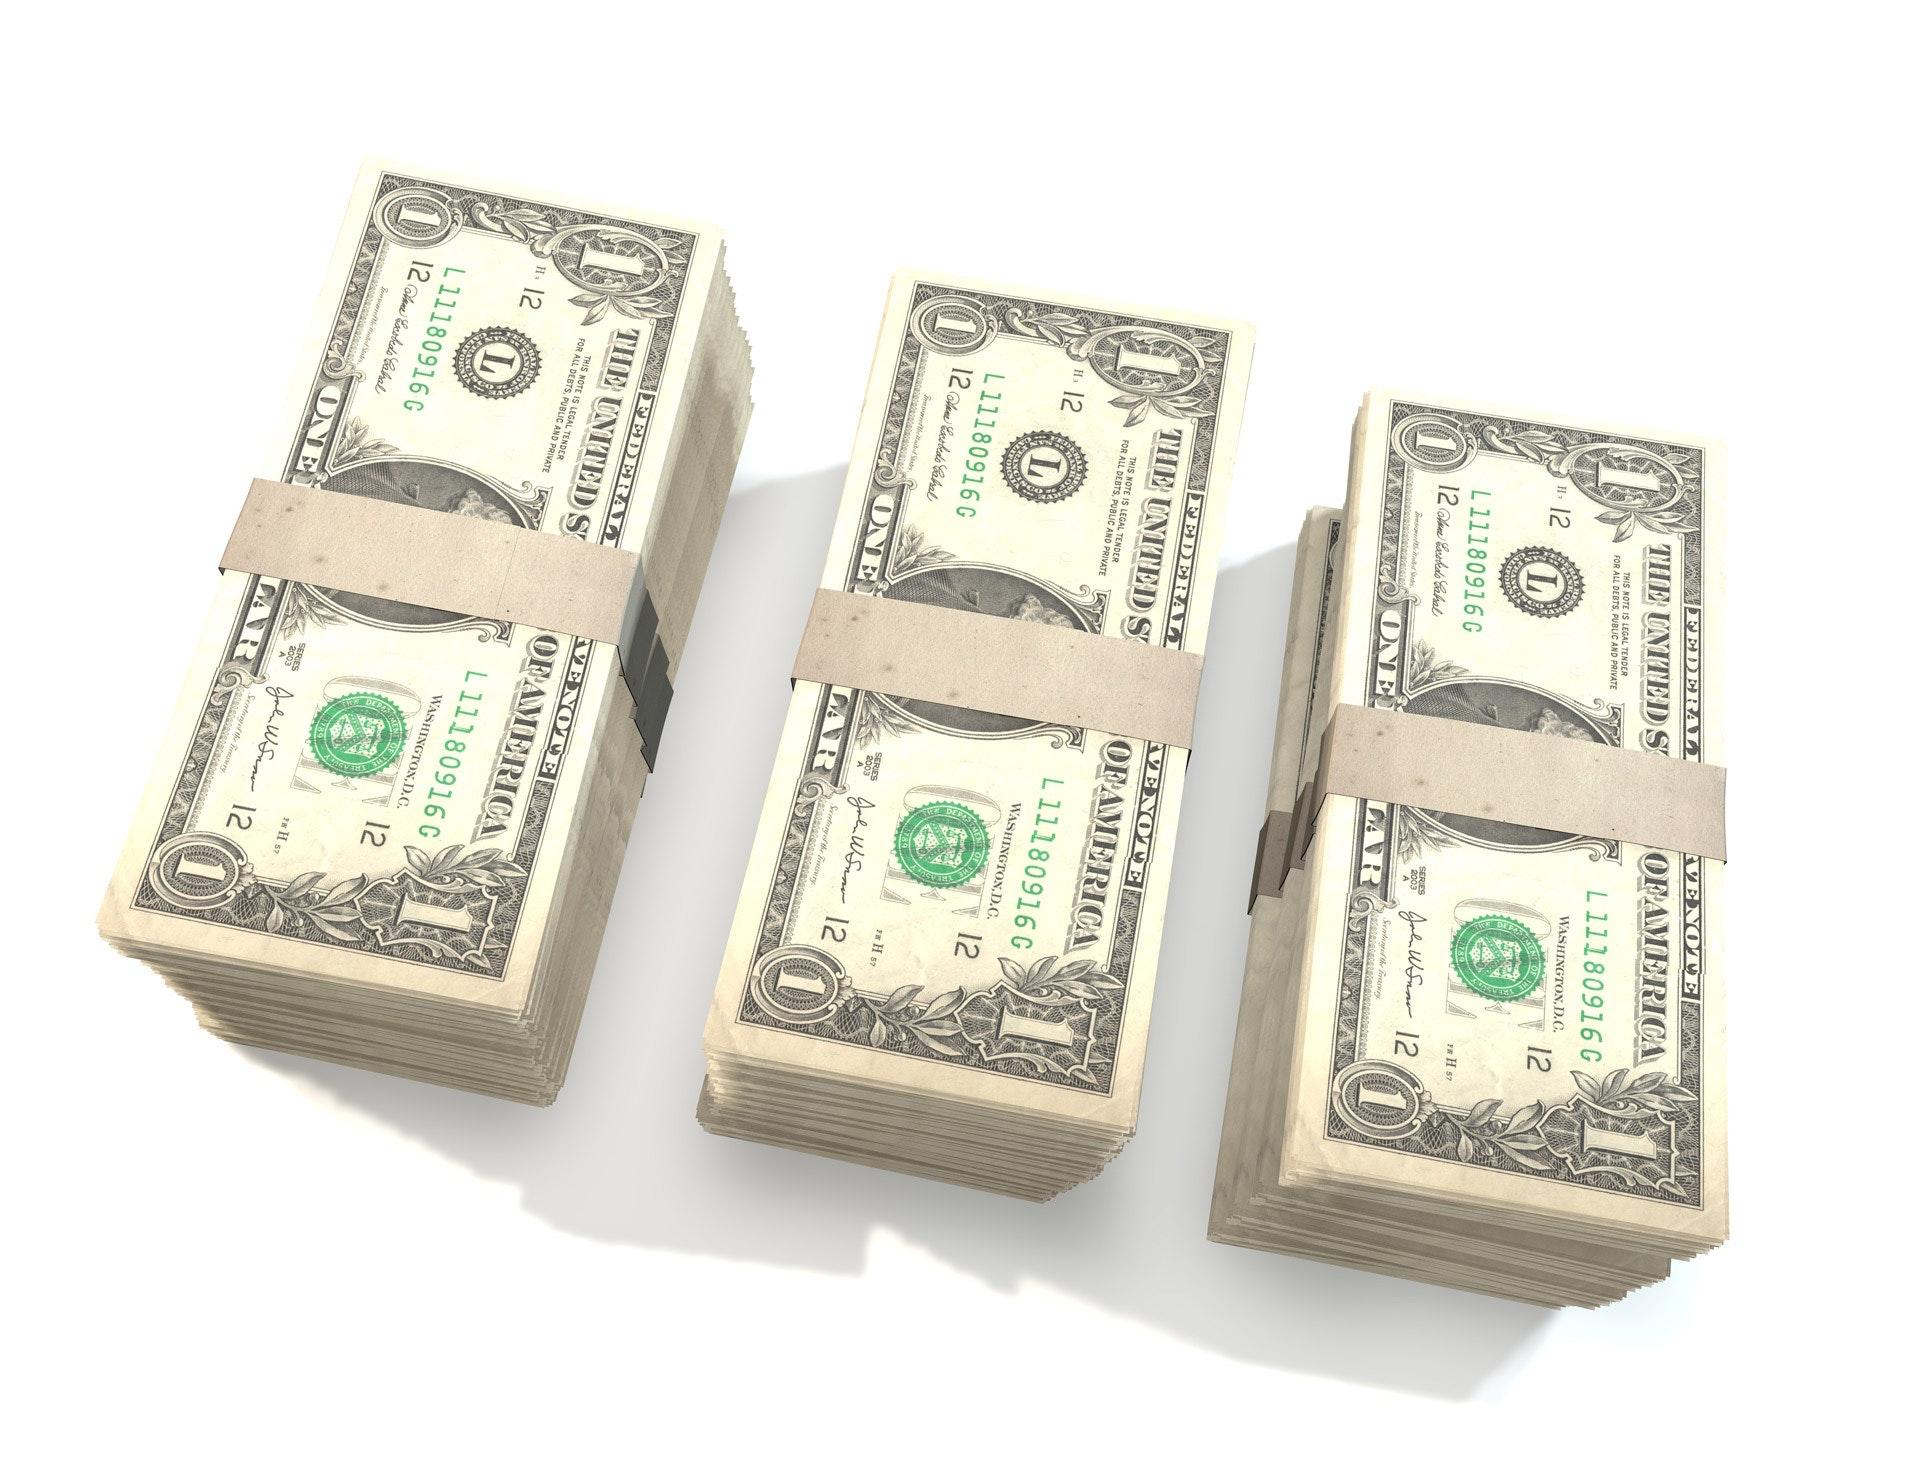 Aktien Kurs Rechner Geld